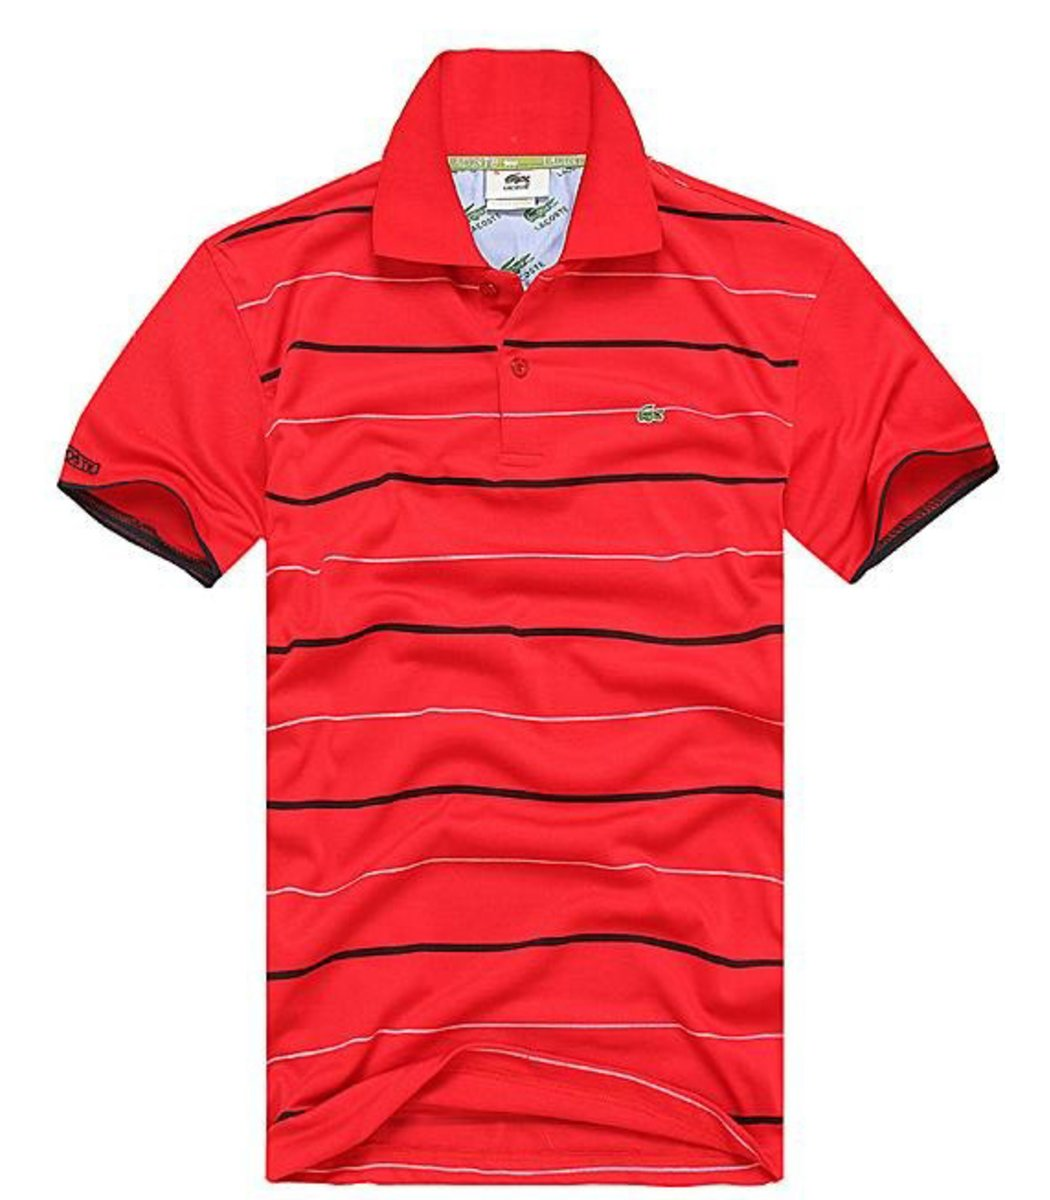 Мужская красная футболка поло Lacoste в полоску